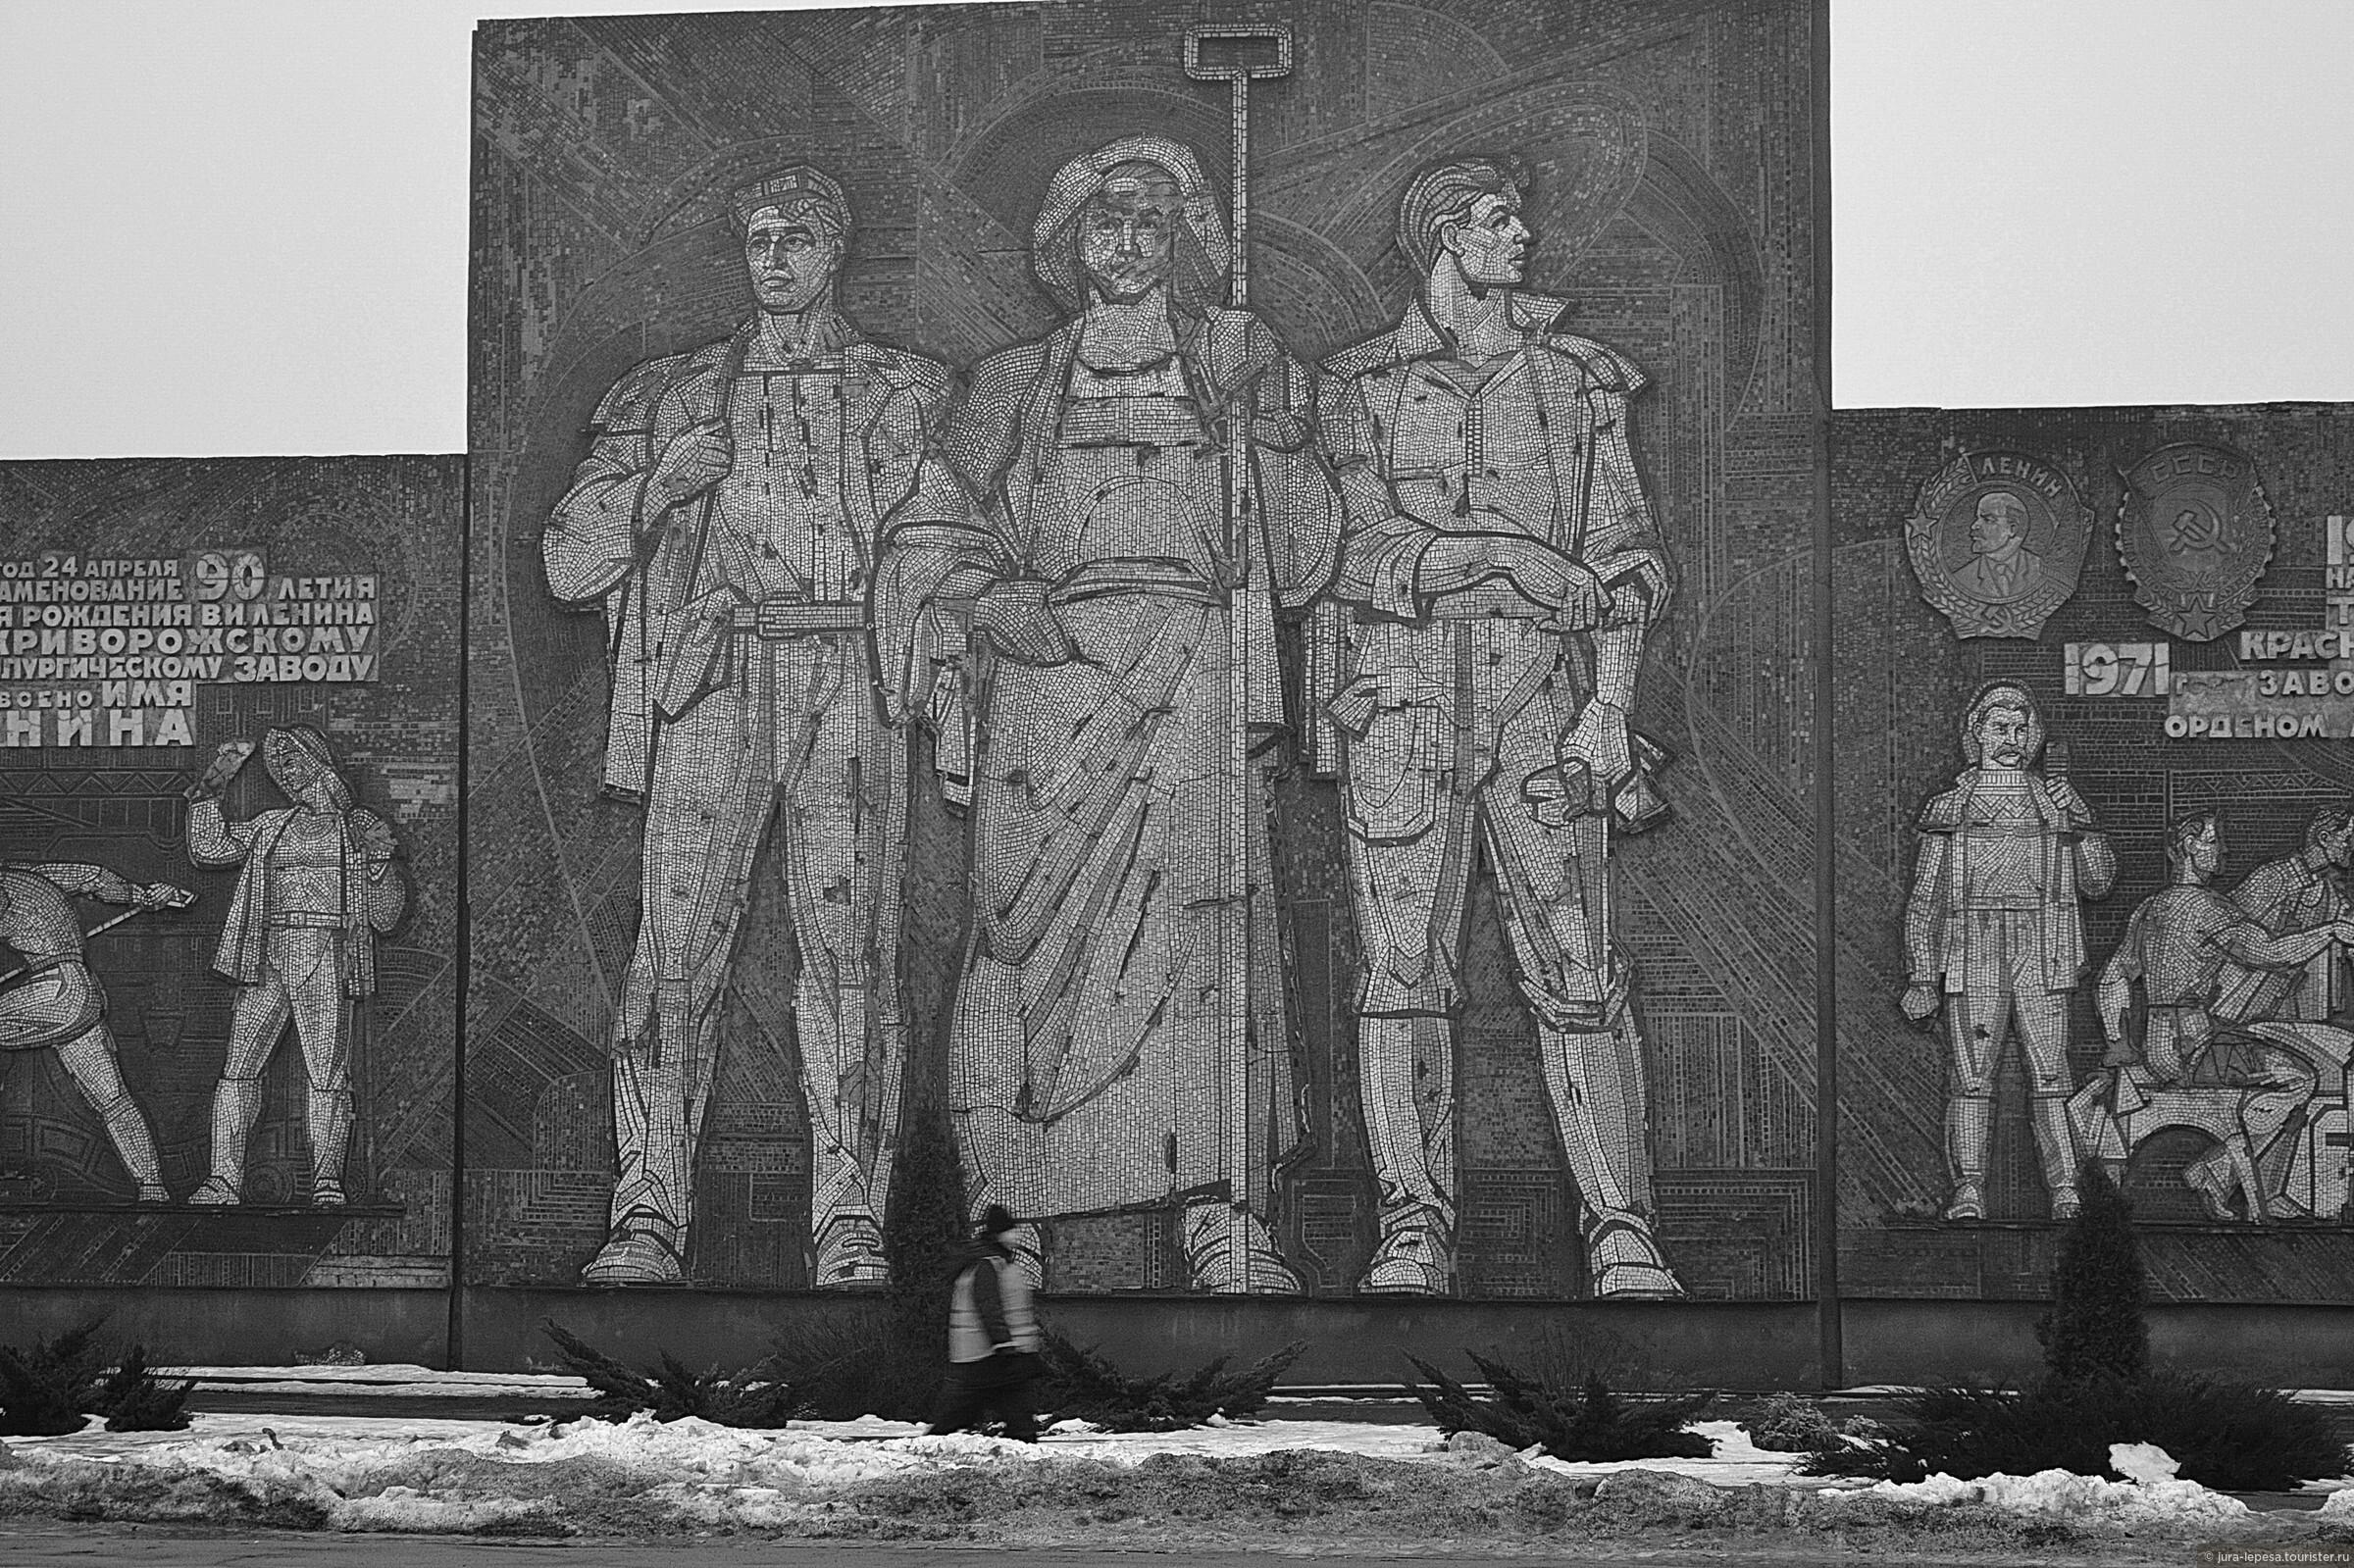 Днепр: Город, где мразям позволено гадить на Монумент Славы